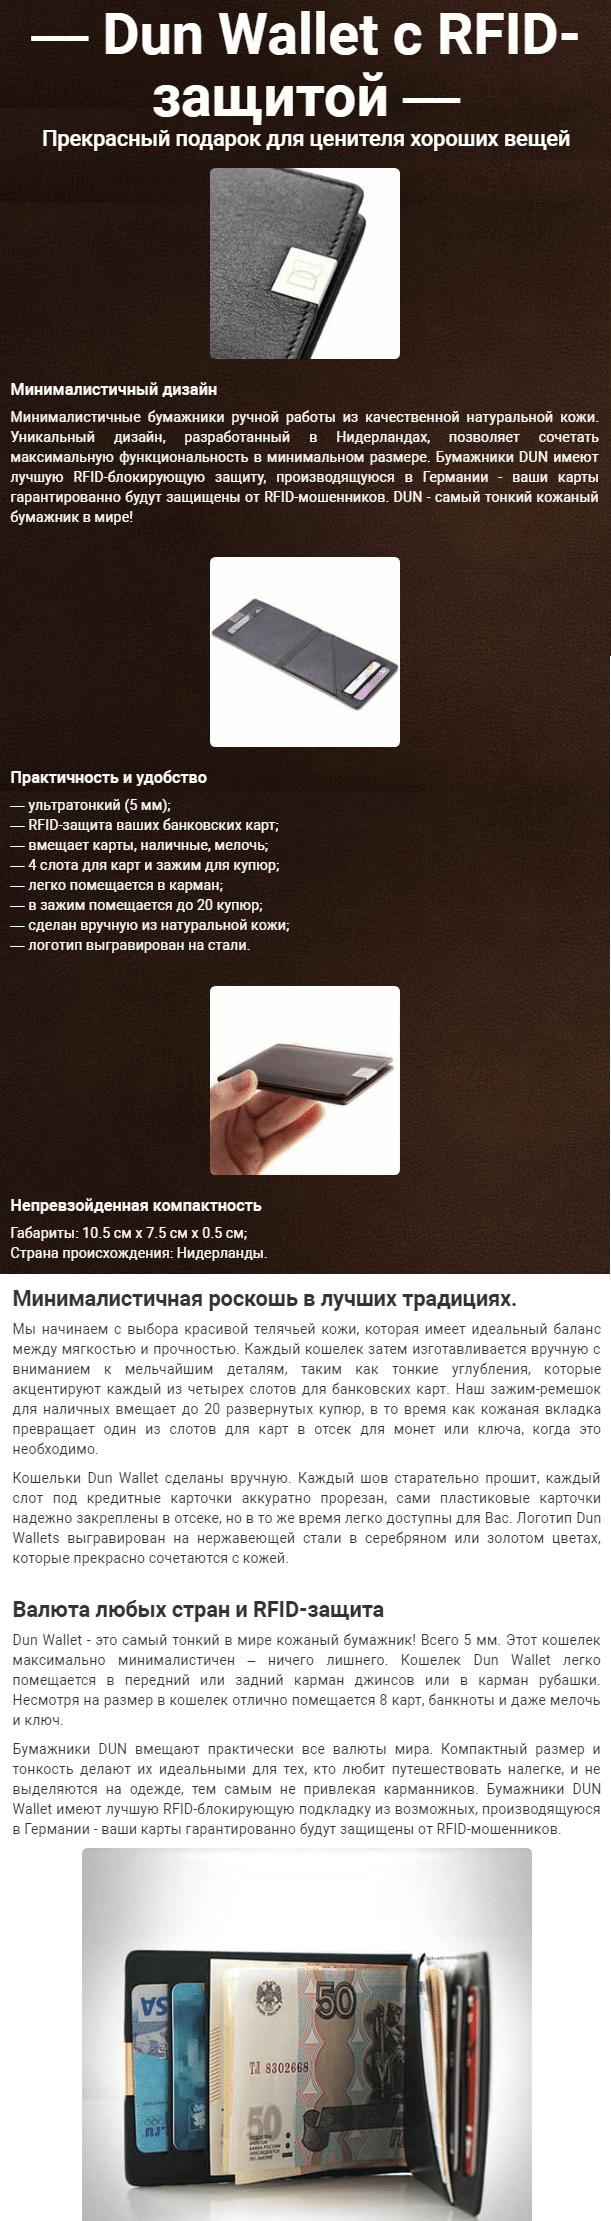 Бумажник Dun c RFID-защитой  (с кимминг защитой) купить